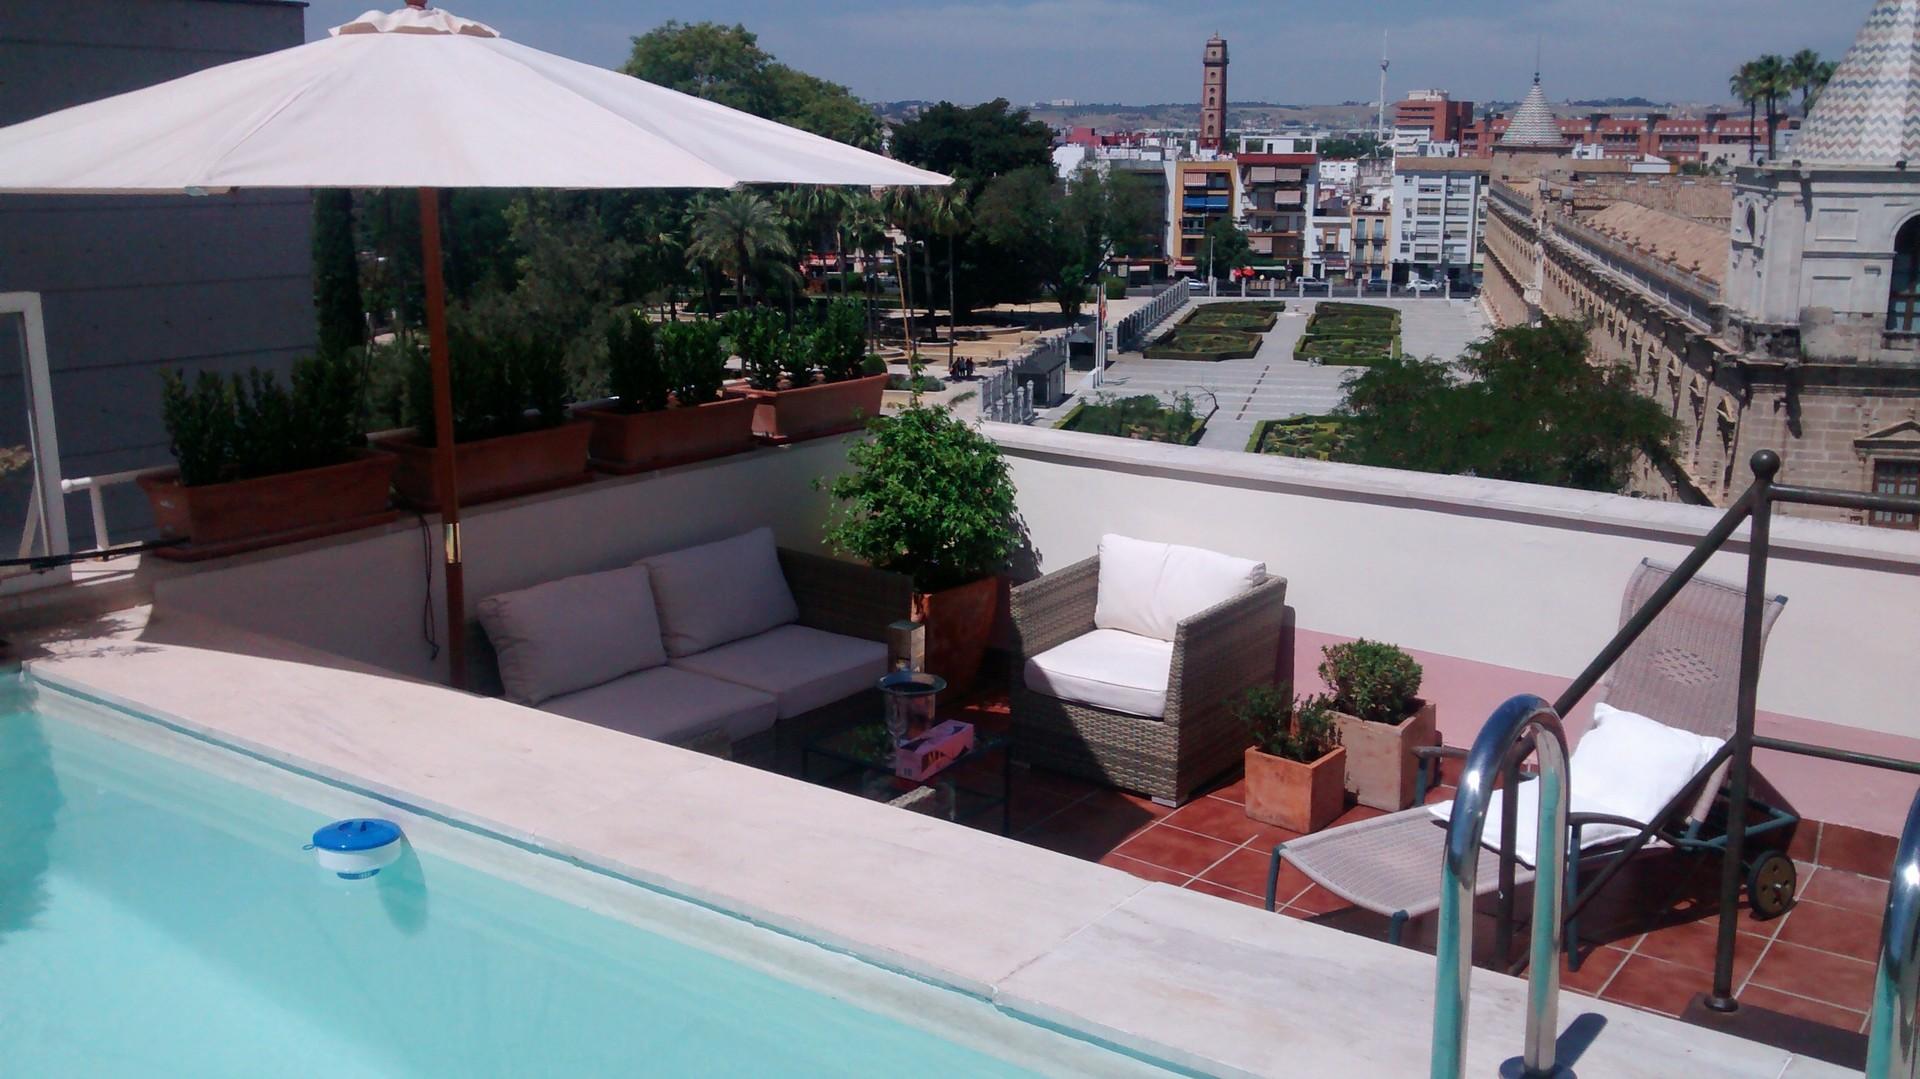 Habitacion en piso atico con piscina privada y terraza expectacular alquiler habitaciones sevilla - Piscina terraza atico ...